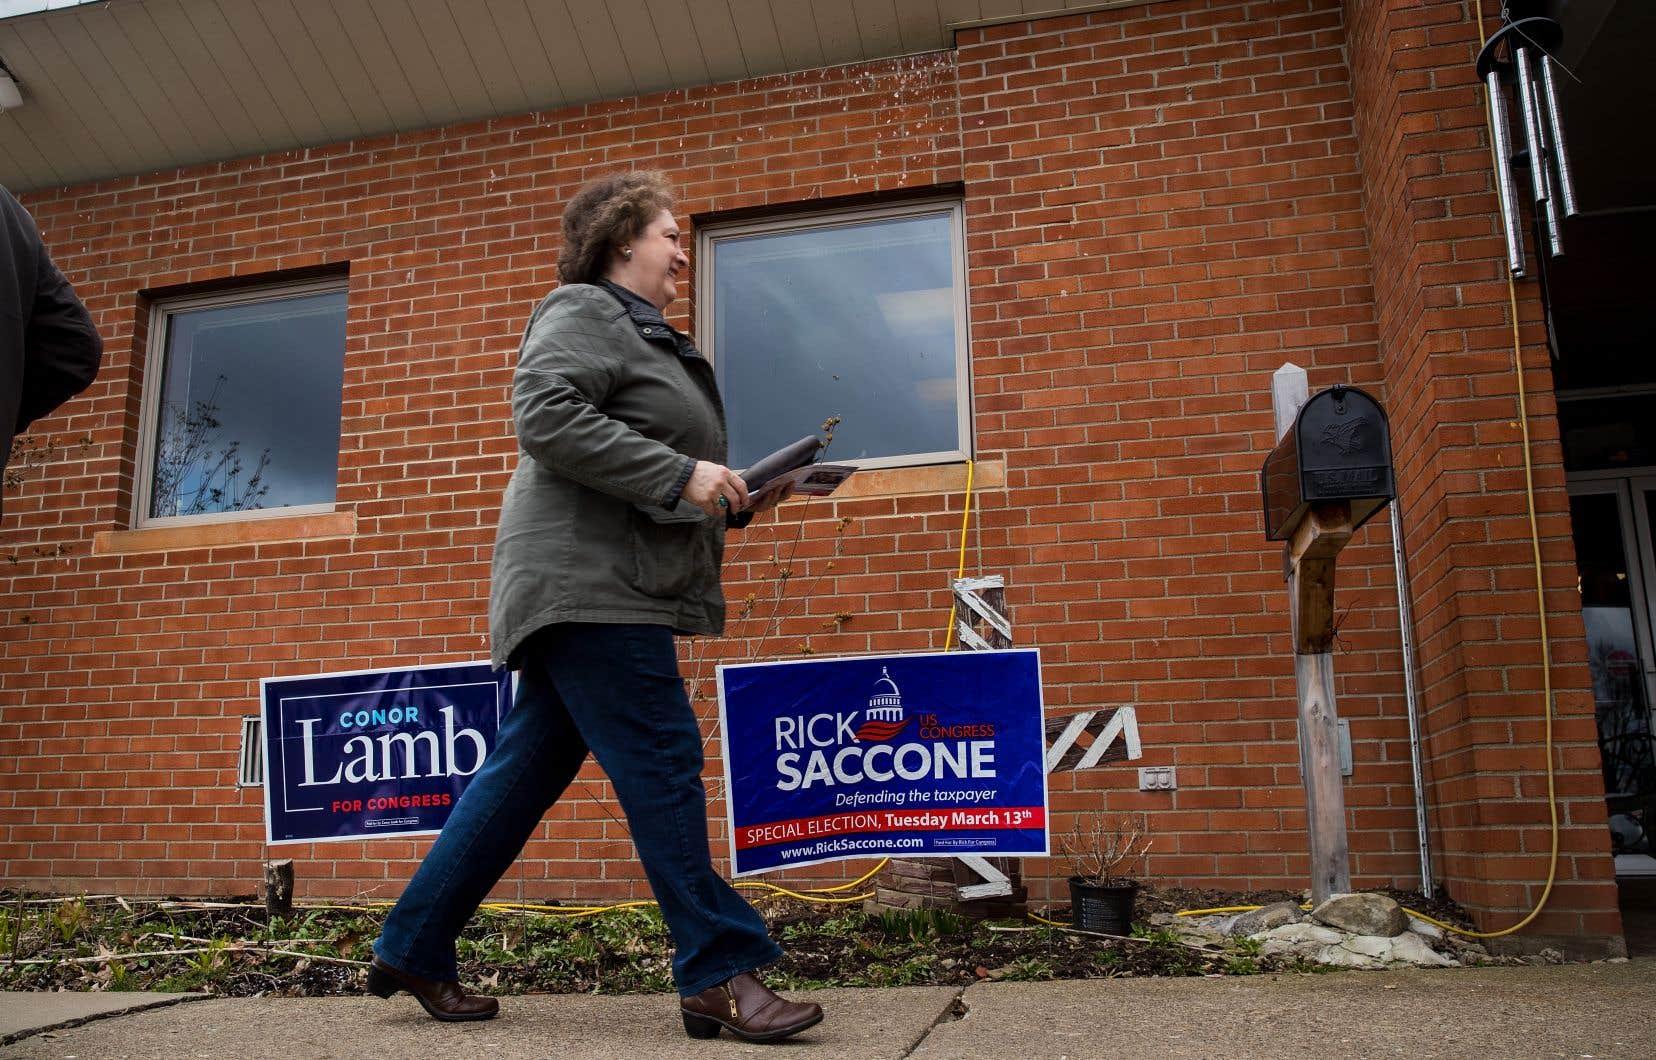 Les électeurs de la 18ecirconscription de Pennsylvanie, ancienne région industrielle, ont voté toute la journée pour départager les candidats républicain Rick Saccone et démocrate Conor Lamb.